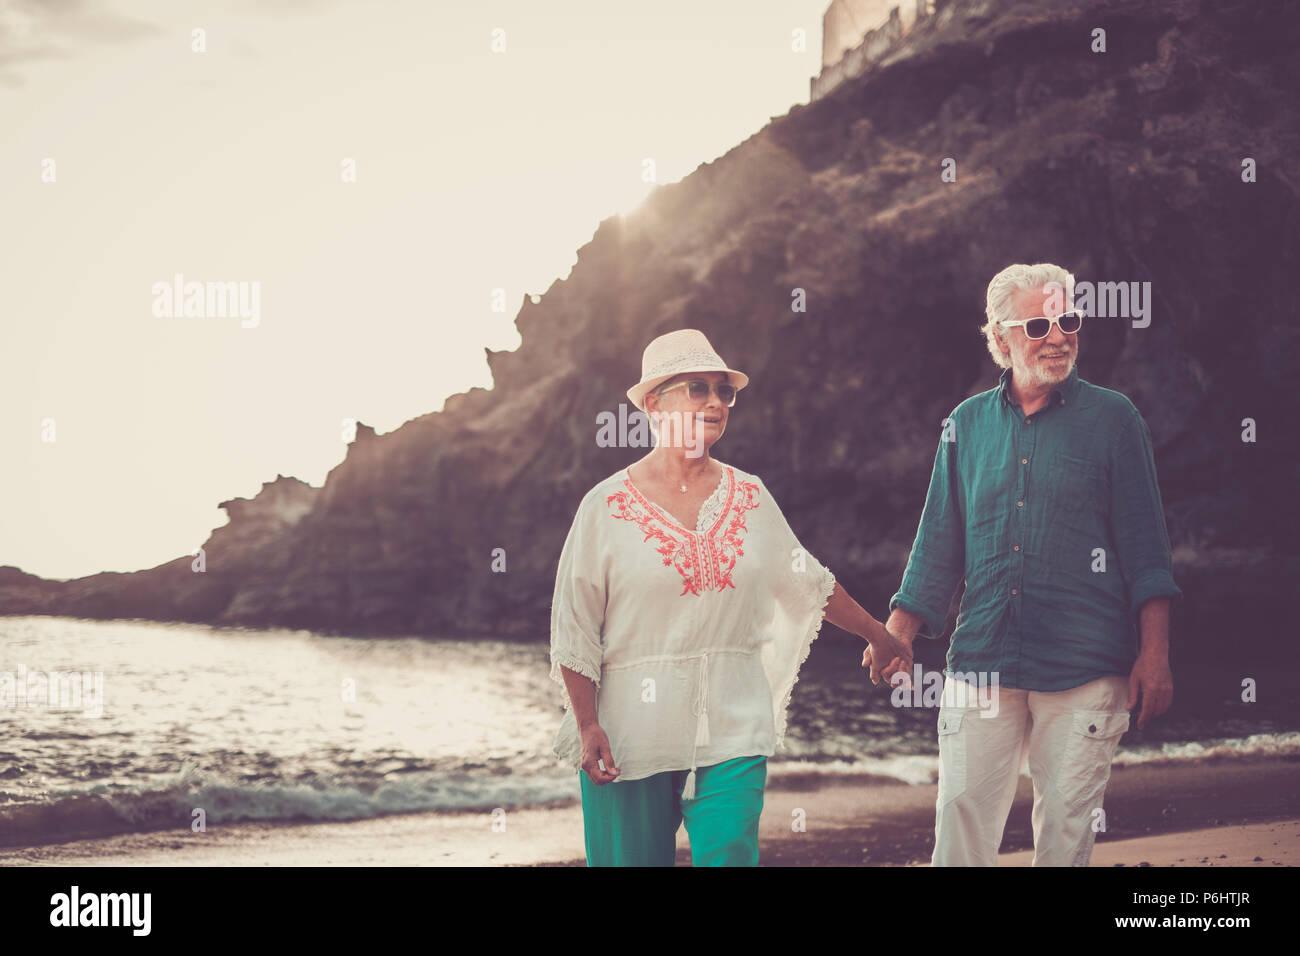 Feliz pareja adulta senior en el amor waing sonriente y disfrutando del verano en la playa y el estilo de vida retirado de su nueva vida juntos después de Y. Imagen De Stock